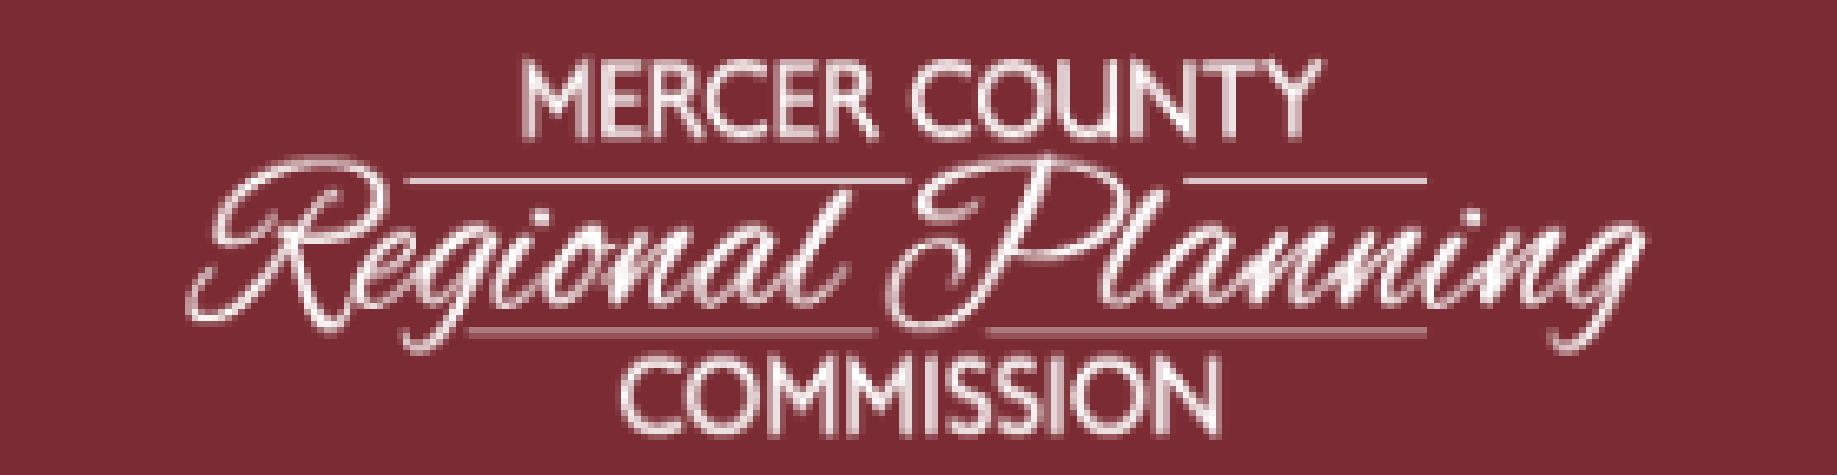 mcrpc_logo.jpg